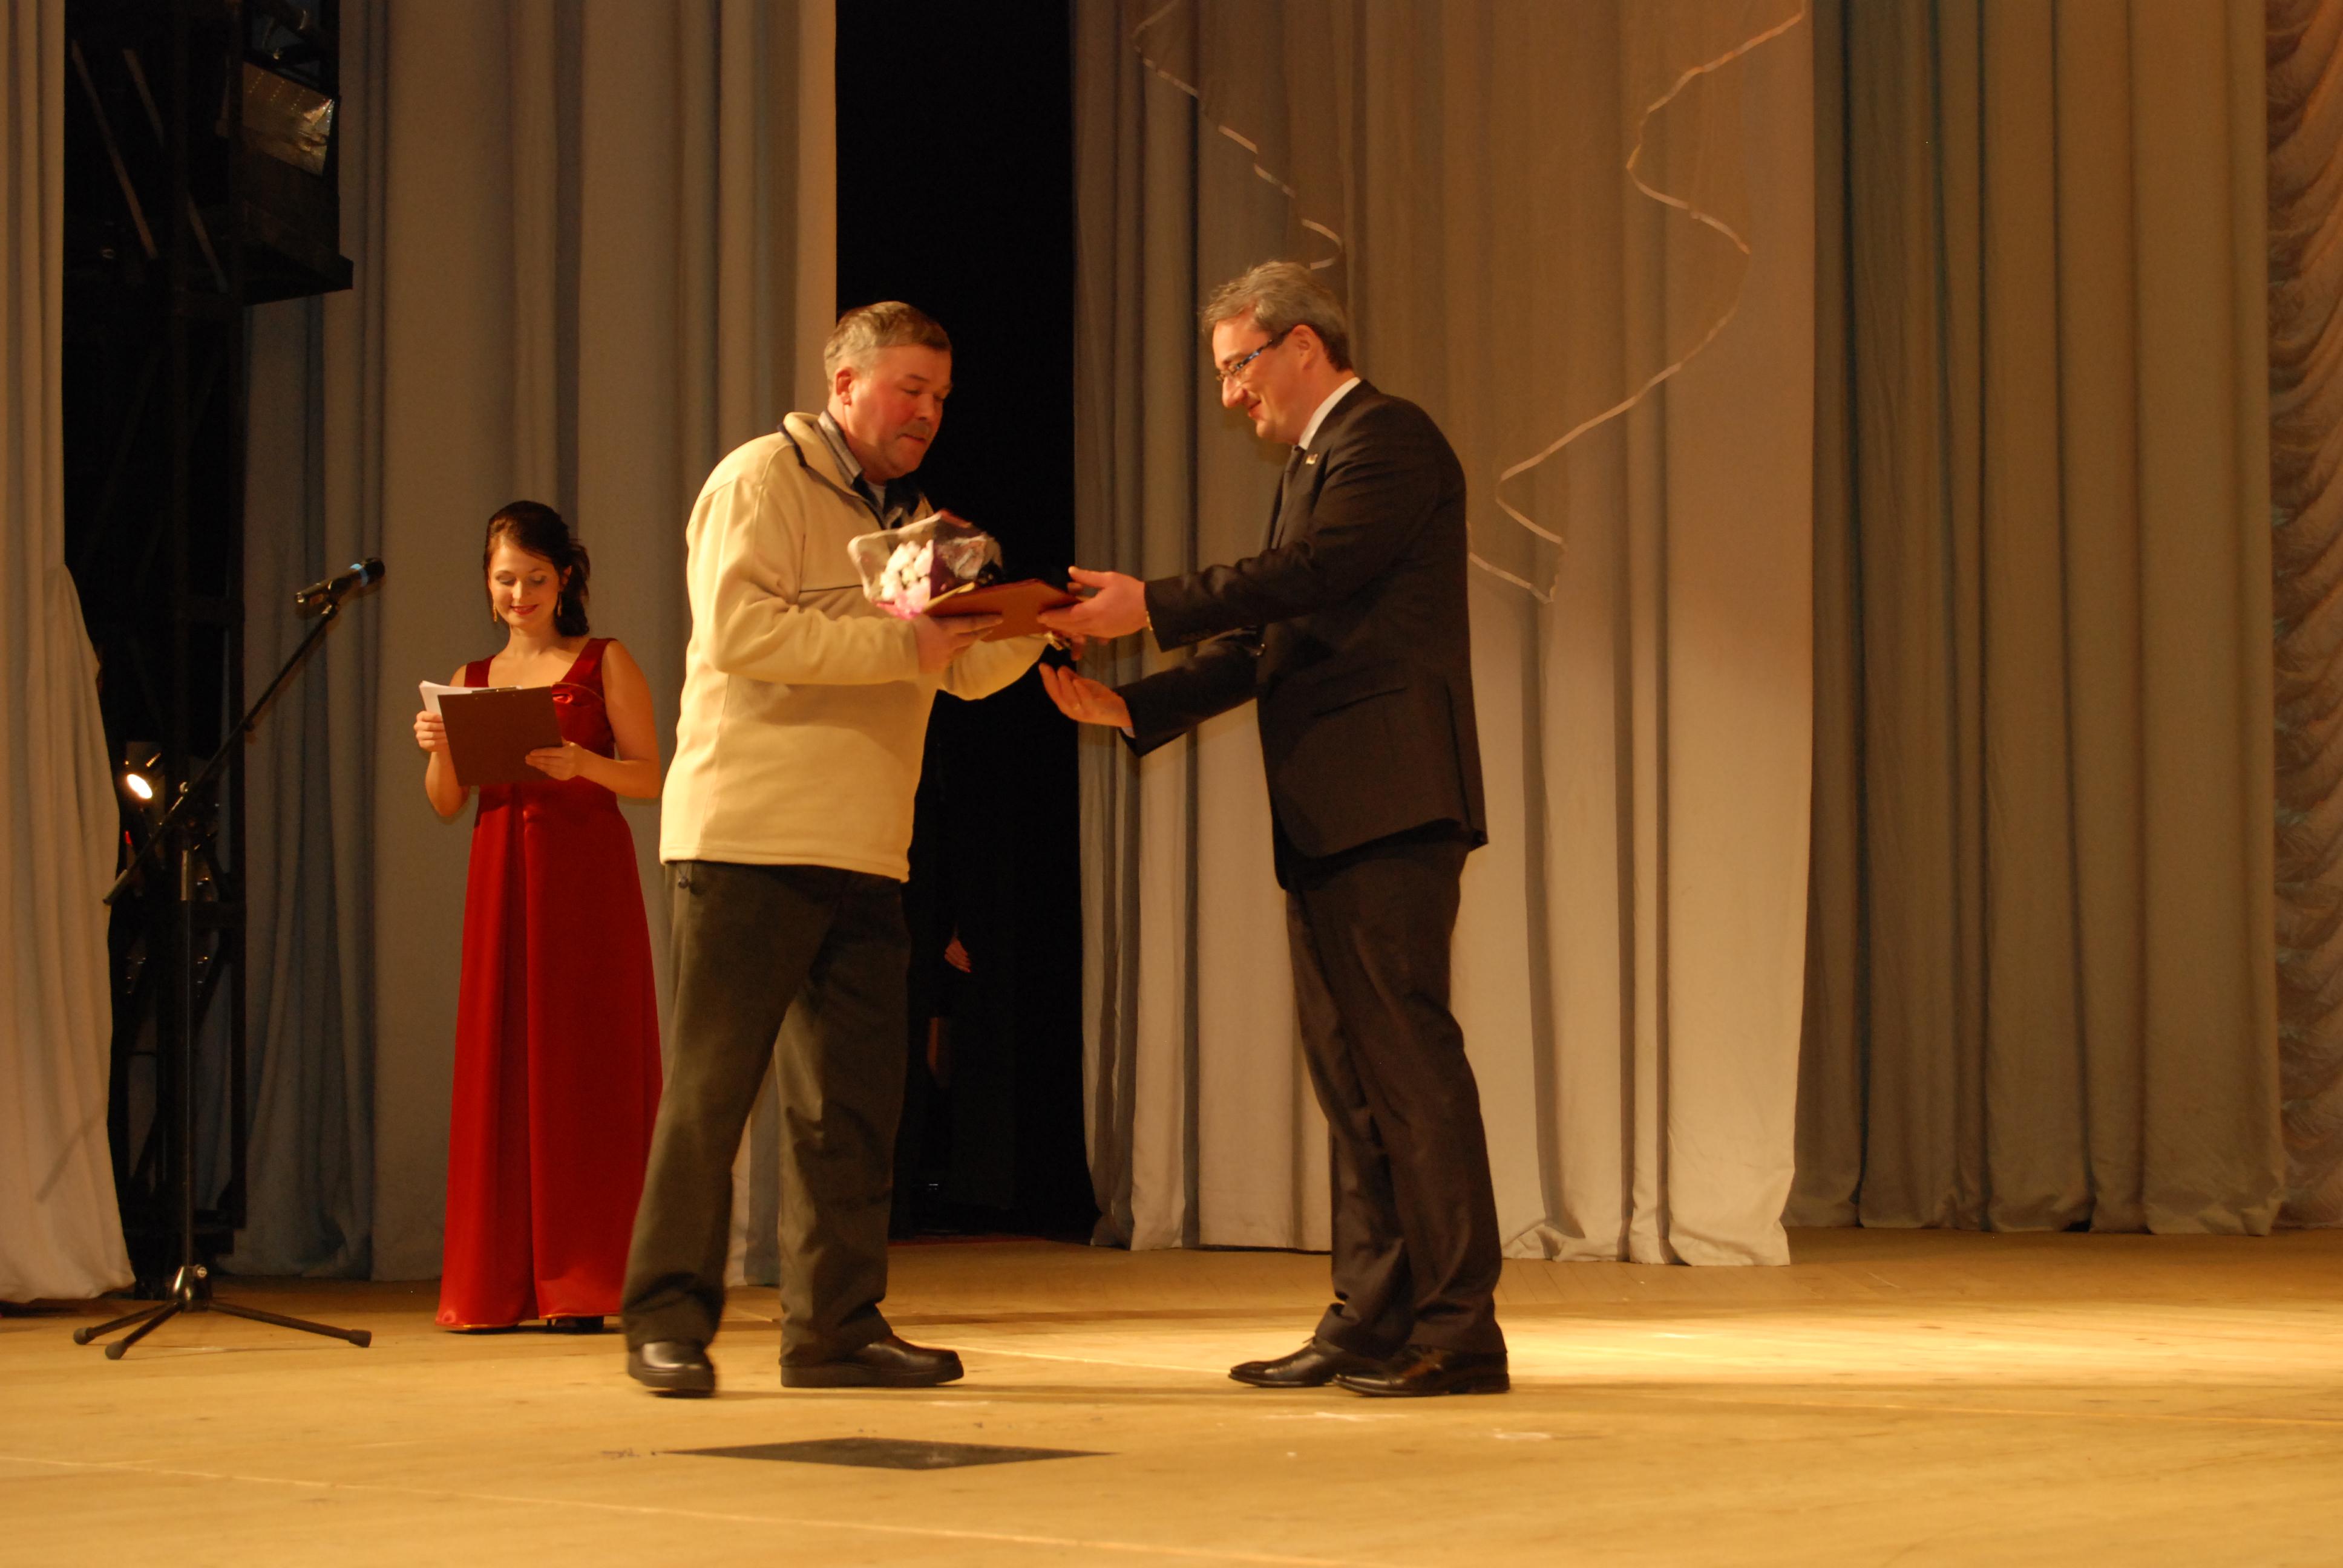 Глава Коми Вячеслав Гайзер поздравил коллектив Комиэнерго с профессиональным праздником